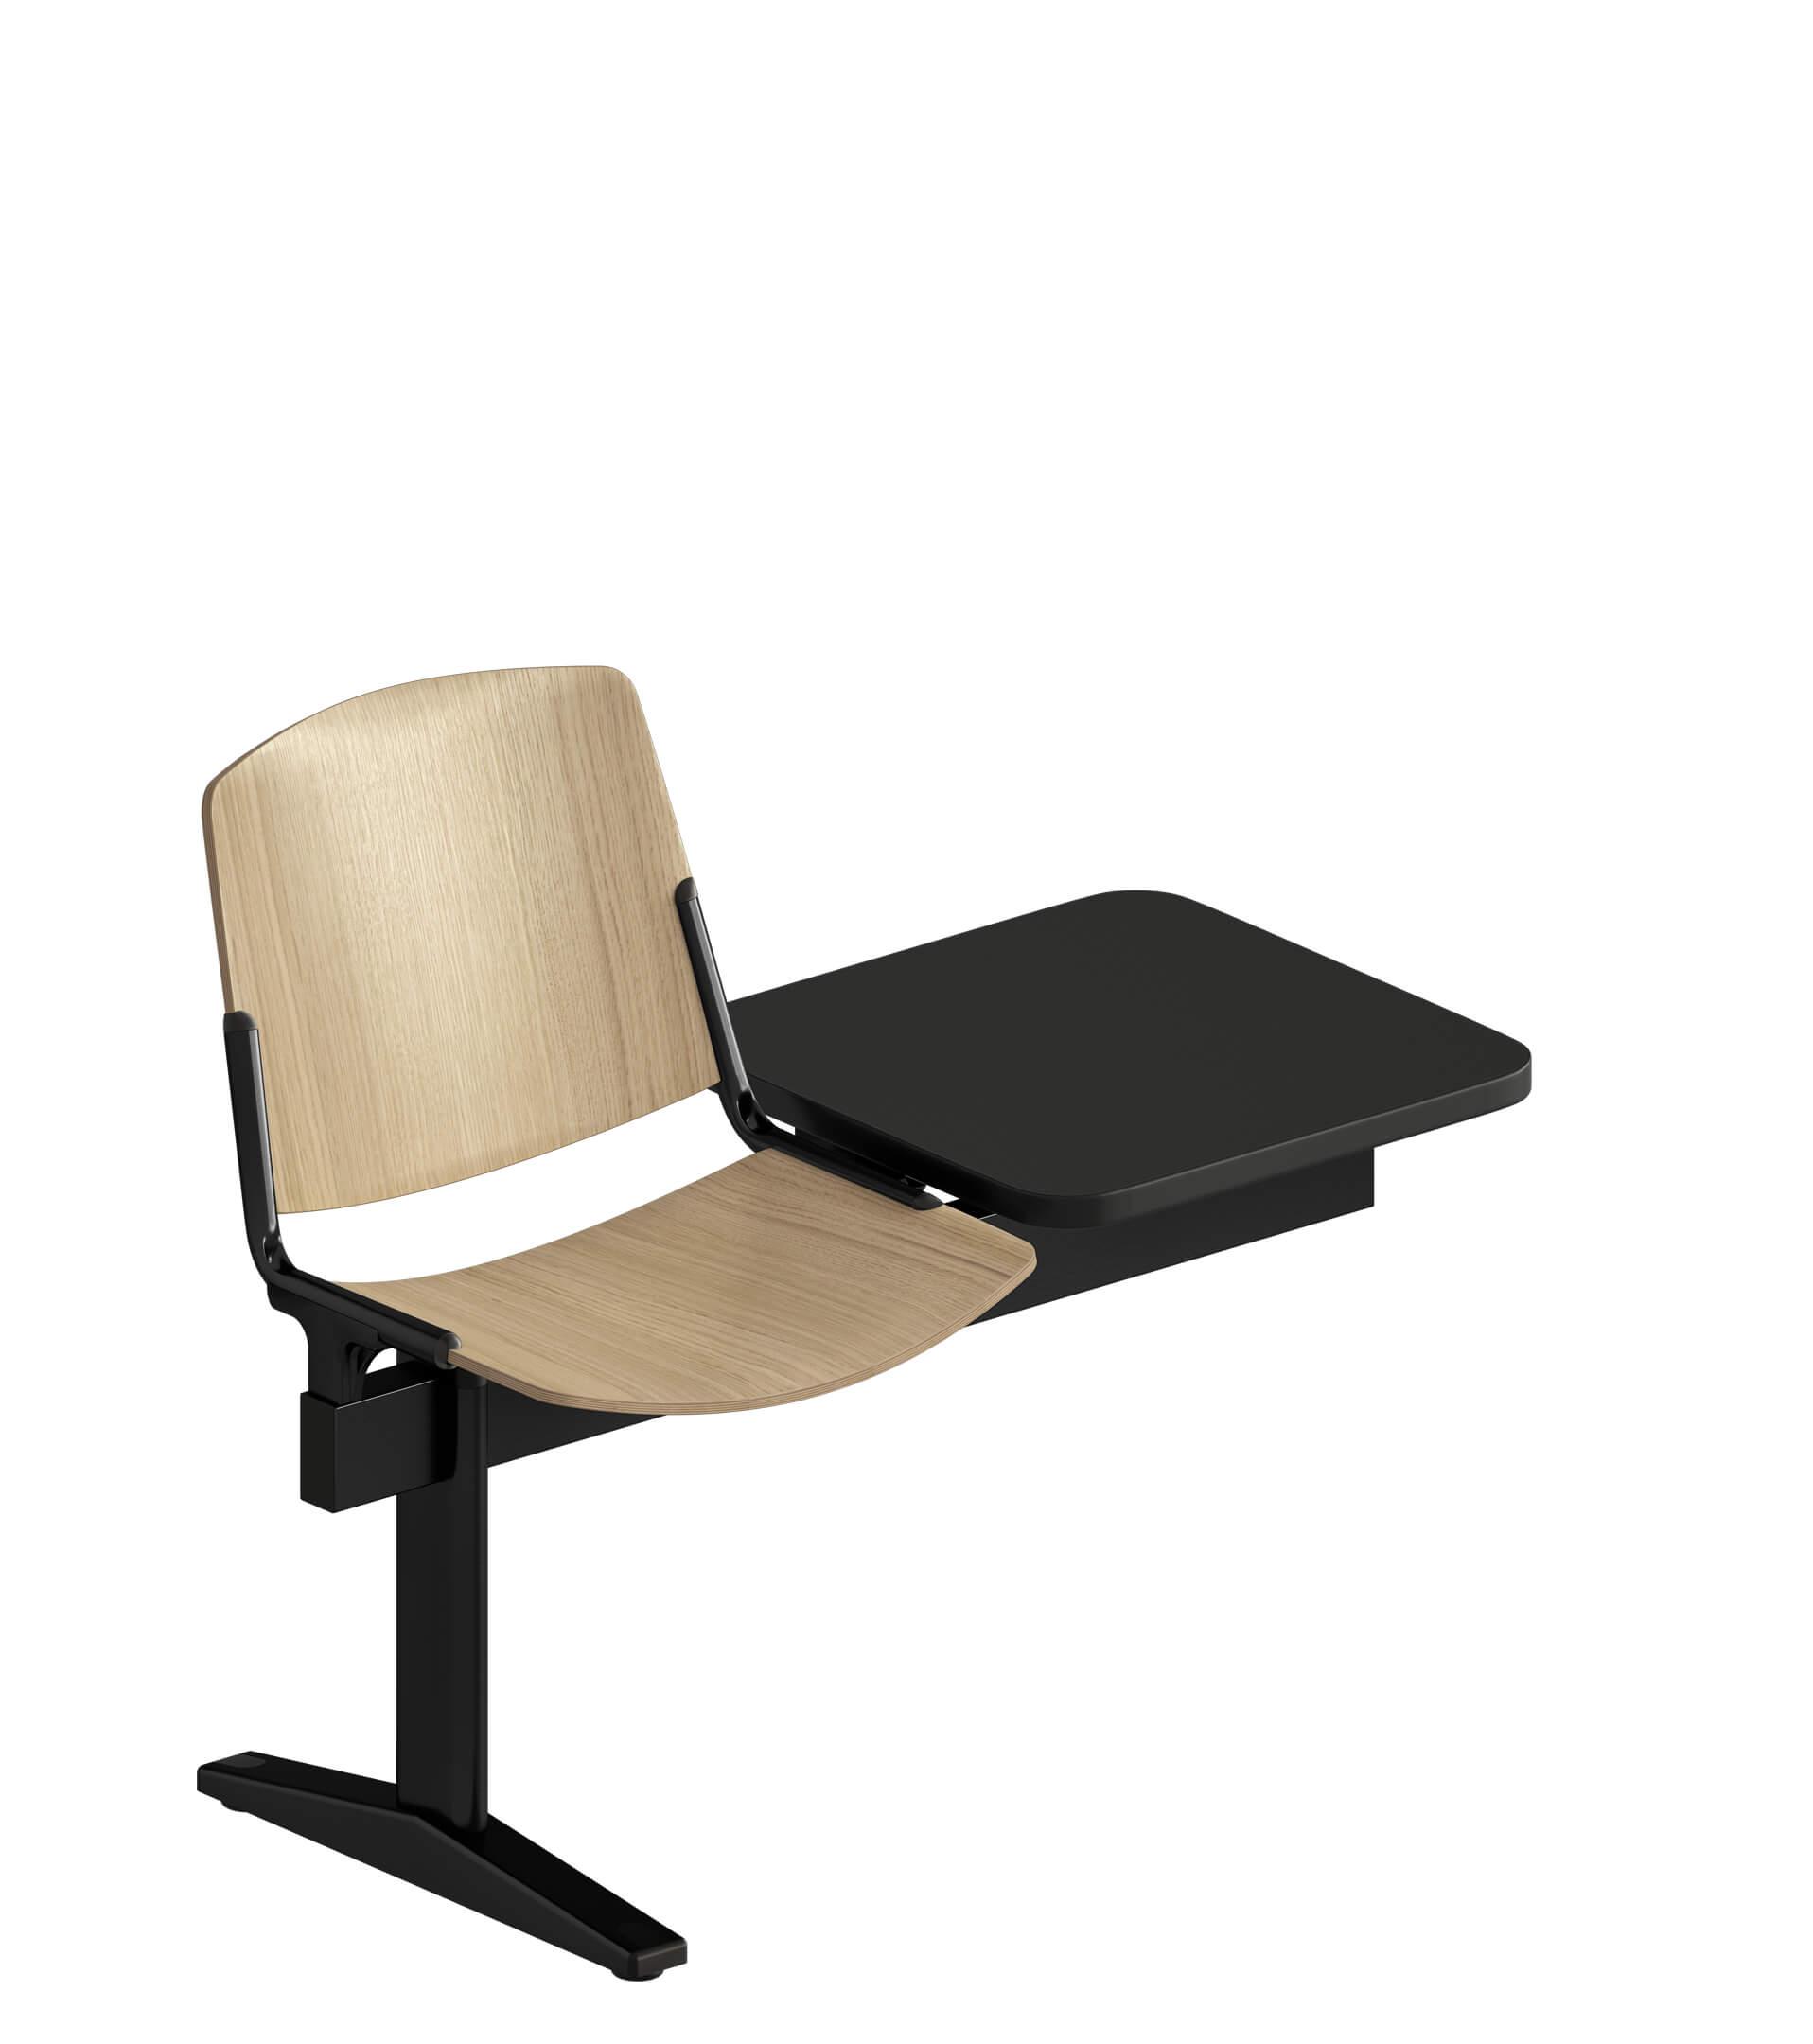 accessori-newmodulamm-trave-tavolino-rovere